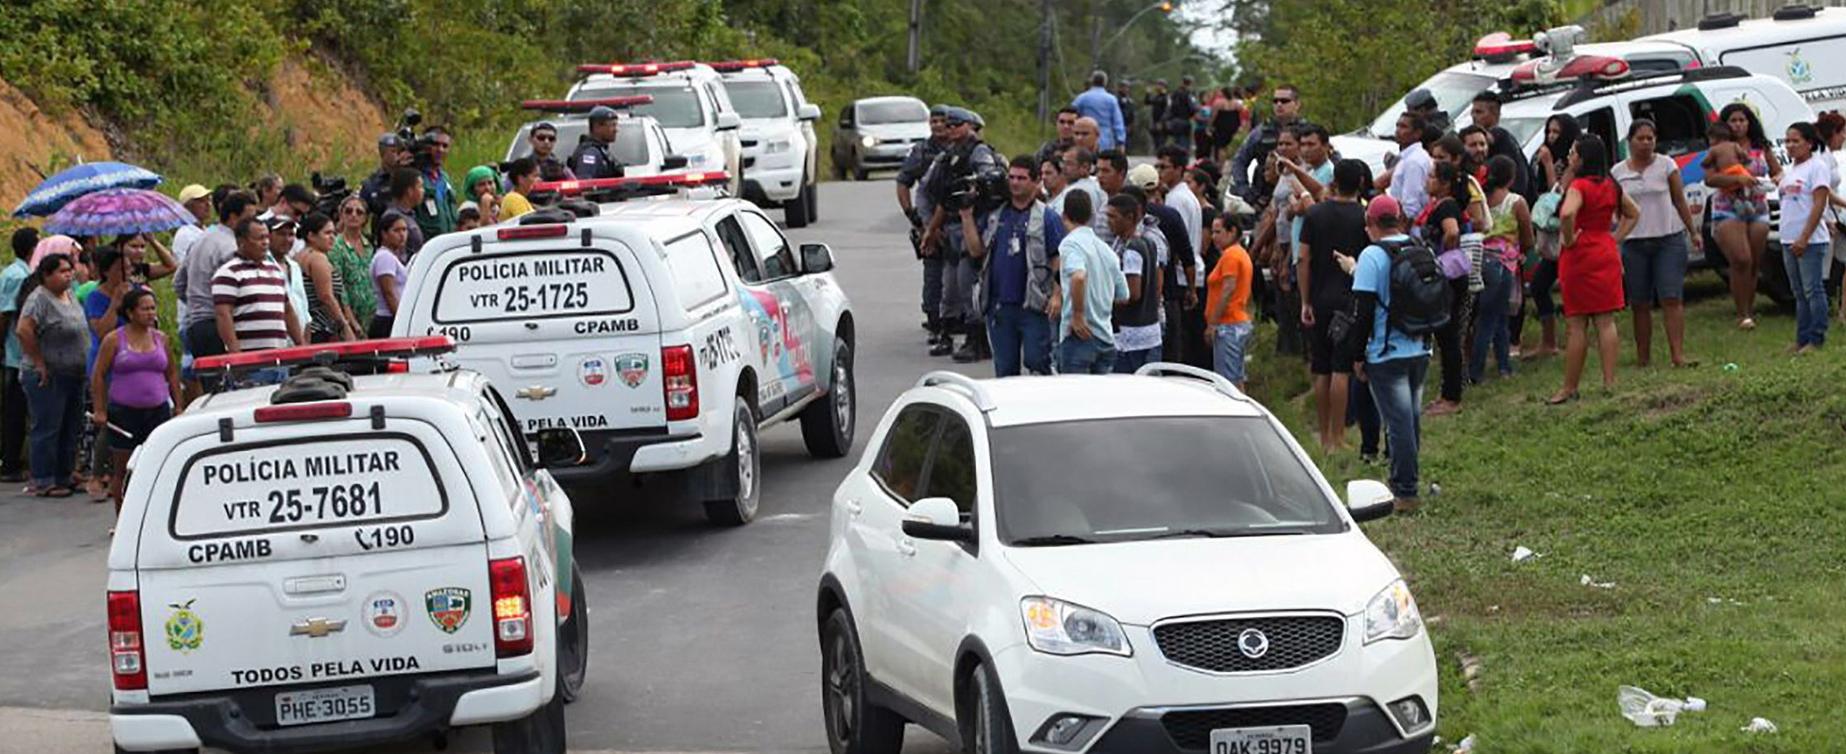 又死50多人 巴西监狱暴动为何这么多?